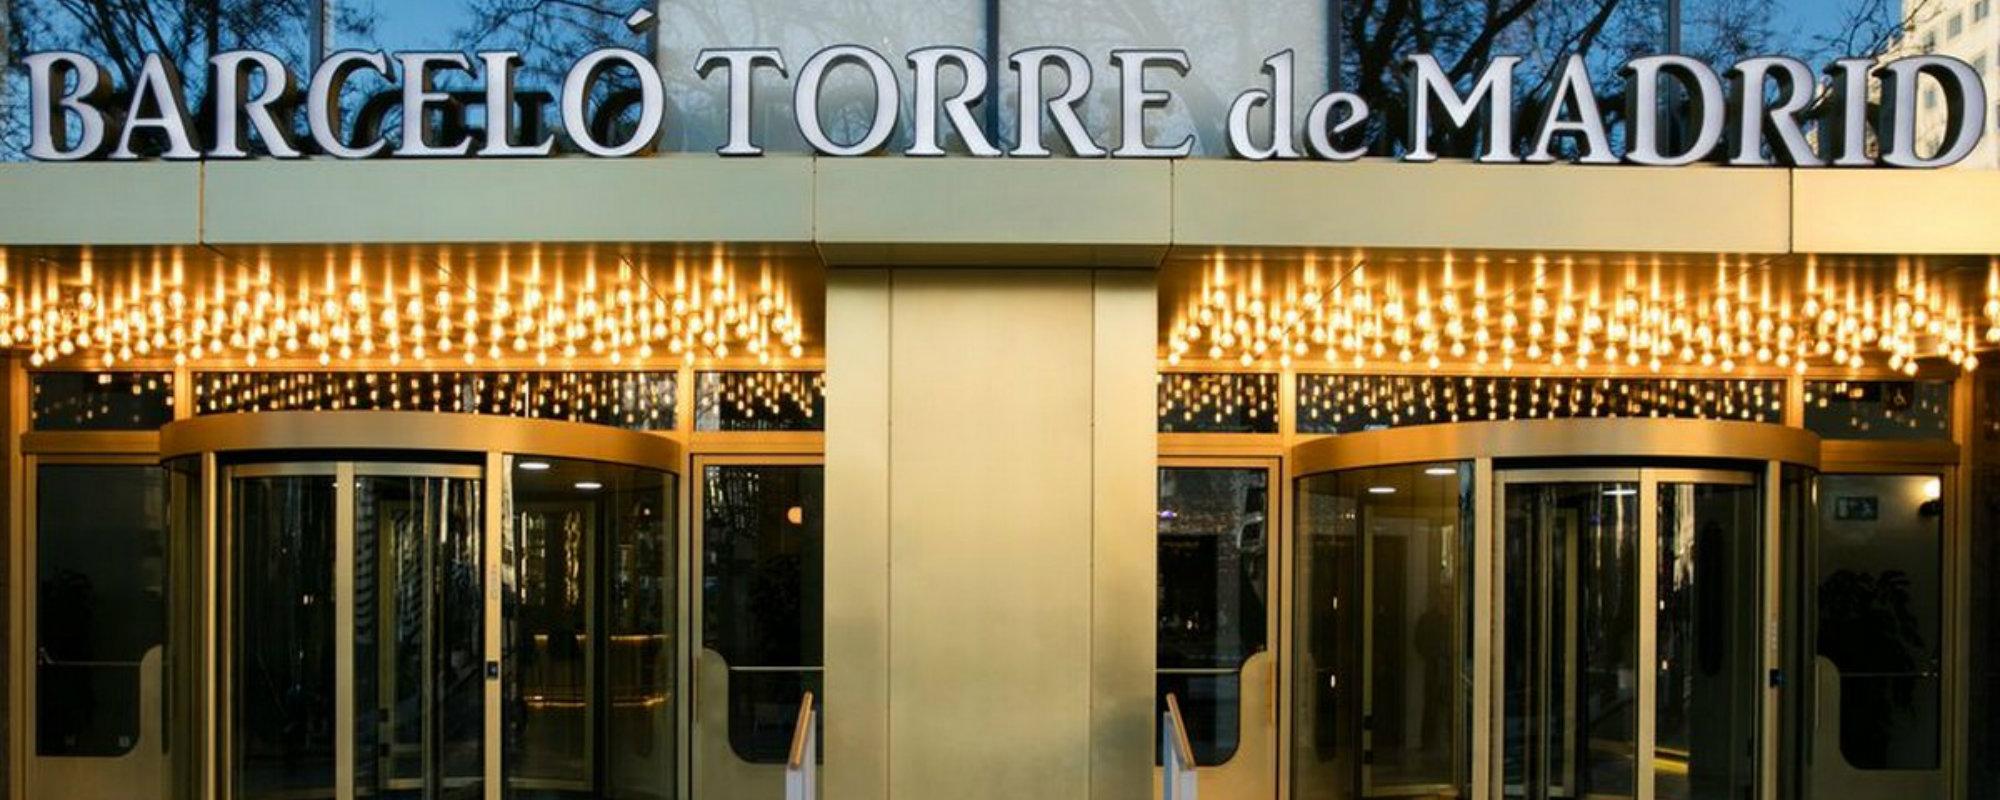 Barceló Torre: Un hotel Majestetical en Madrid Barceló Torre Barceló Torre: Un hotel Majestetical en Madrid Feature 11